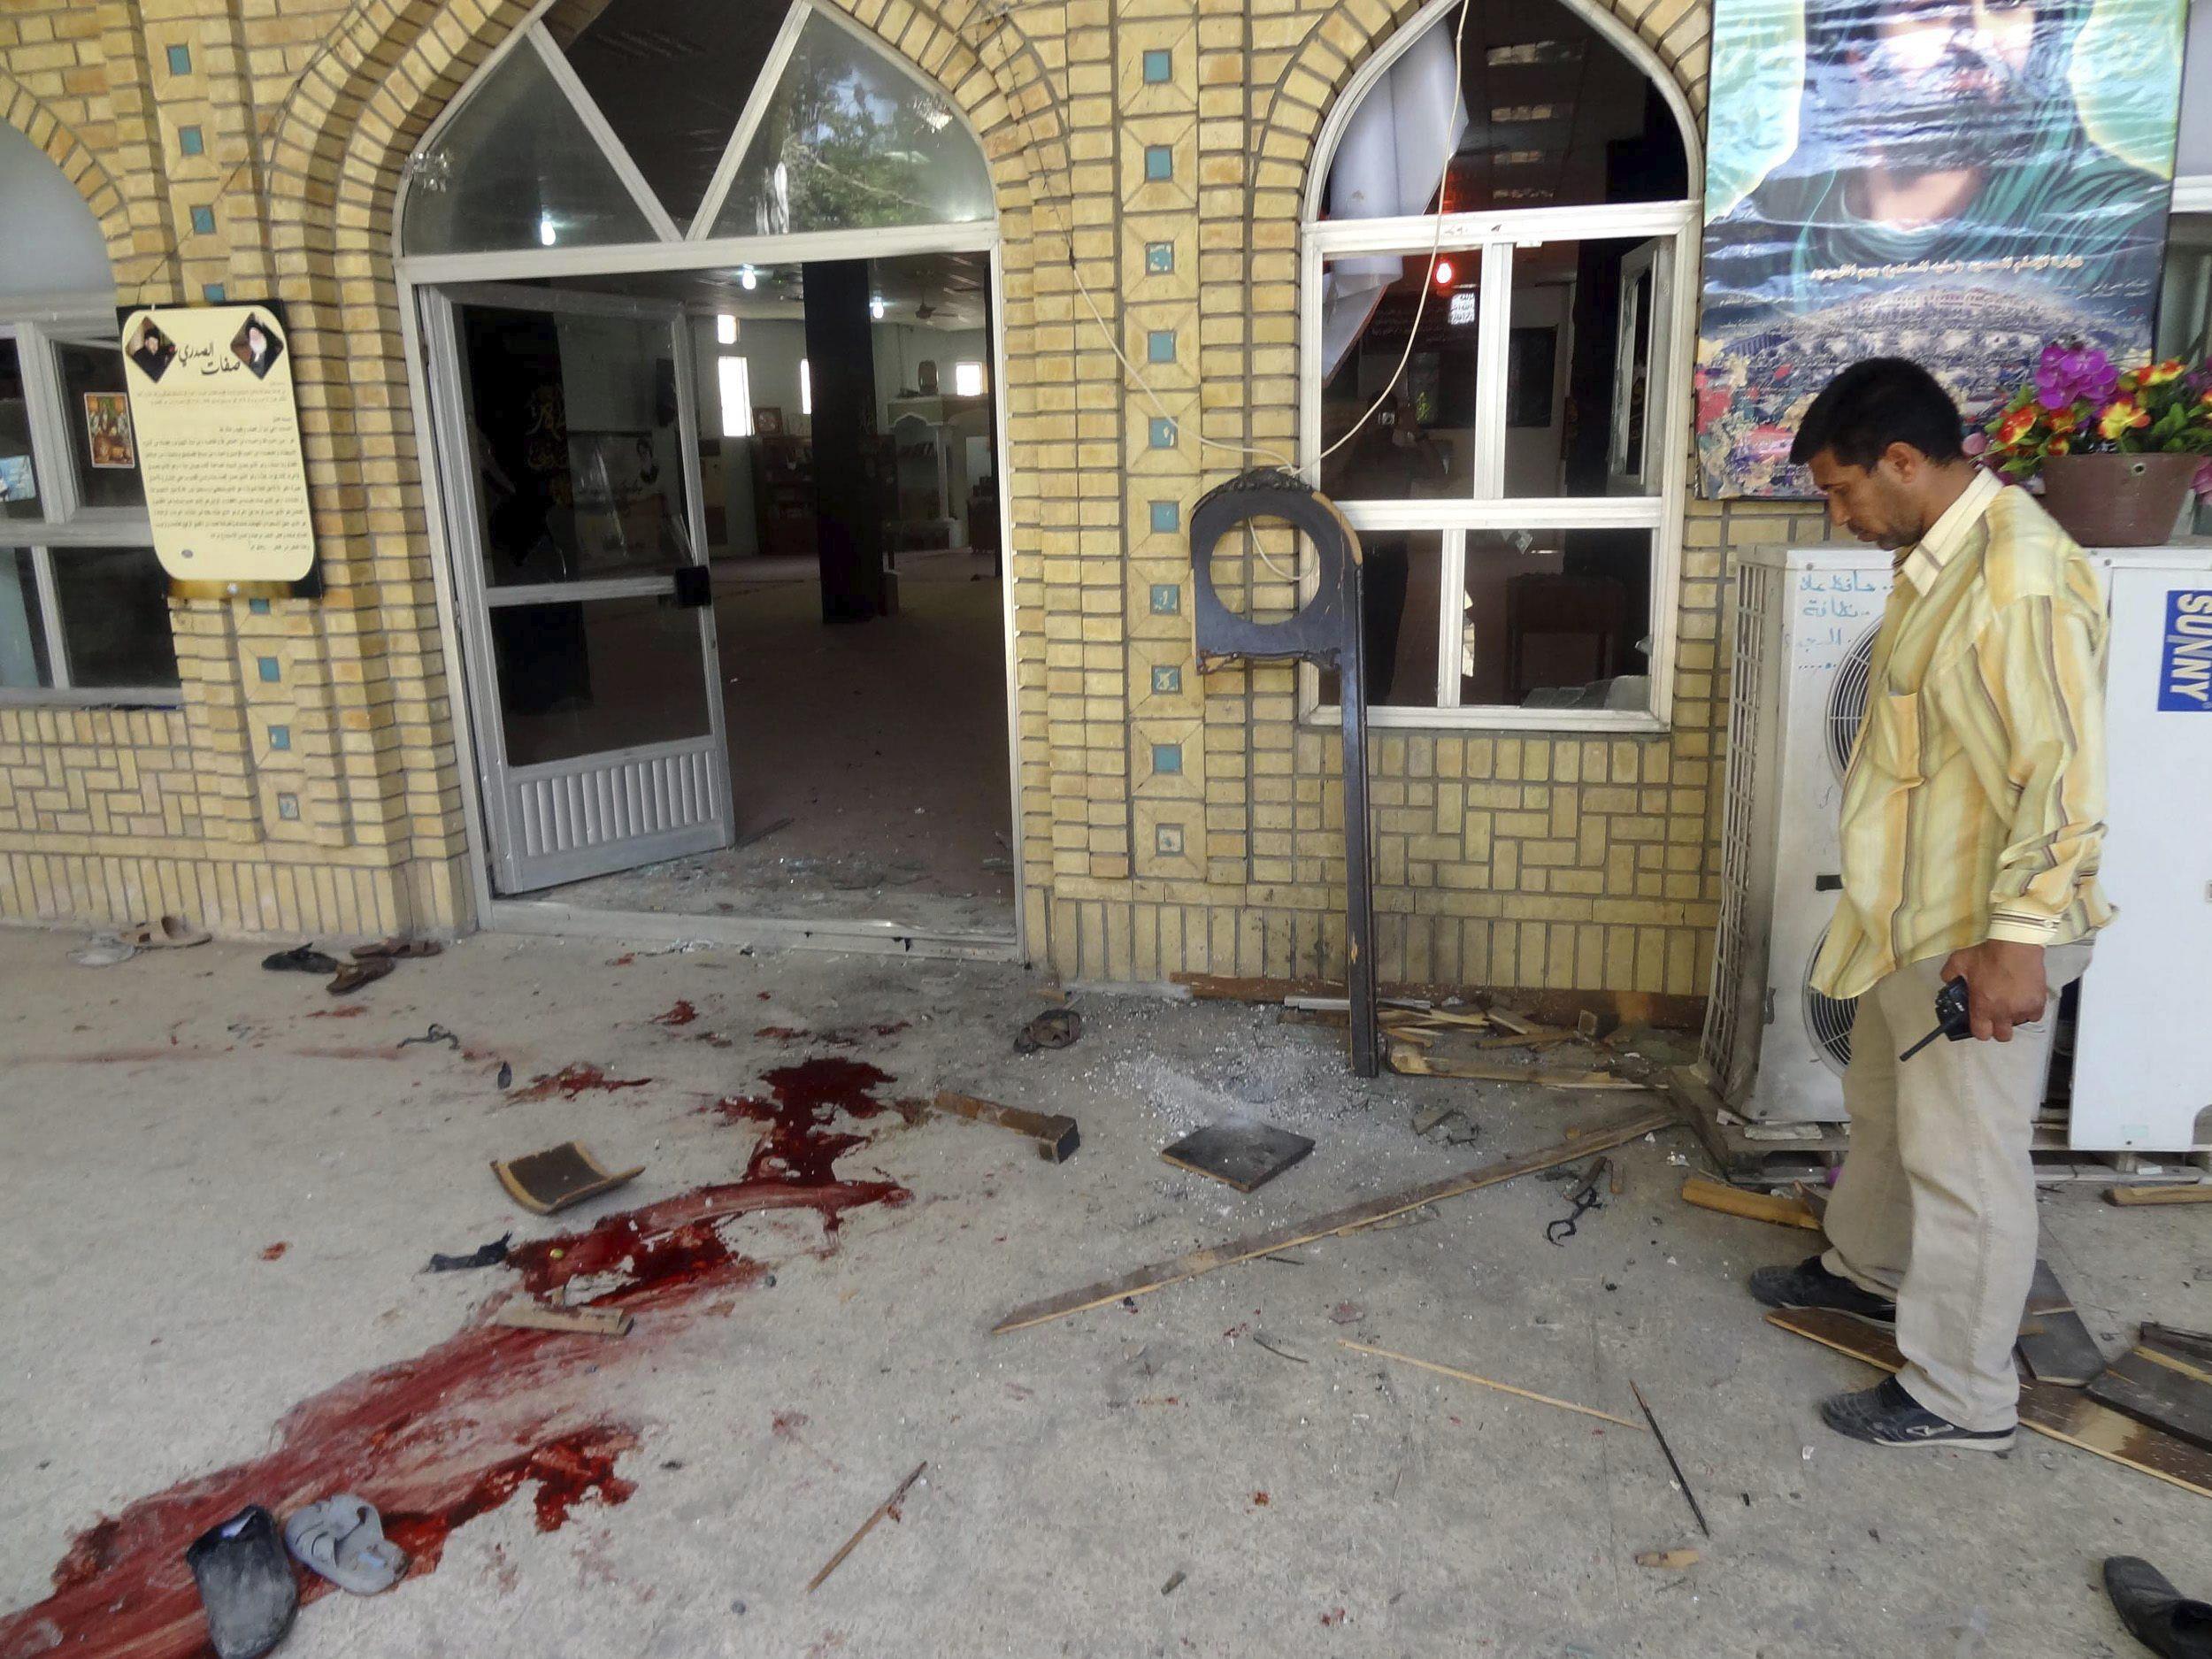 Al menos 15 muertos y 32 heridos en un atentado en una mezquita en Bagdad